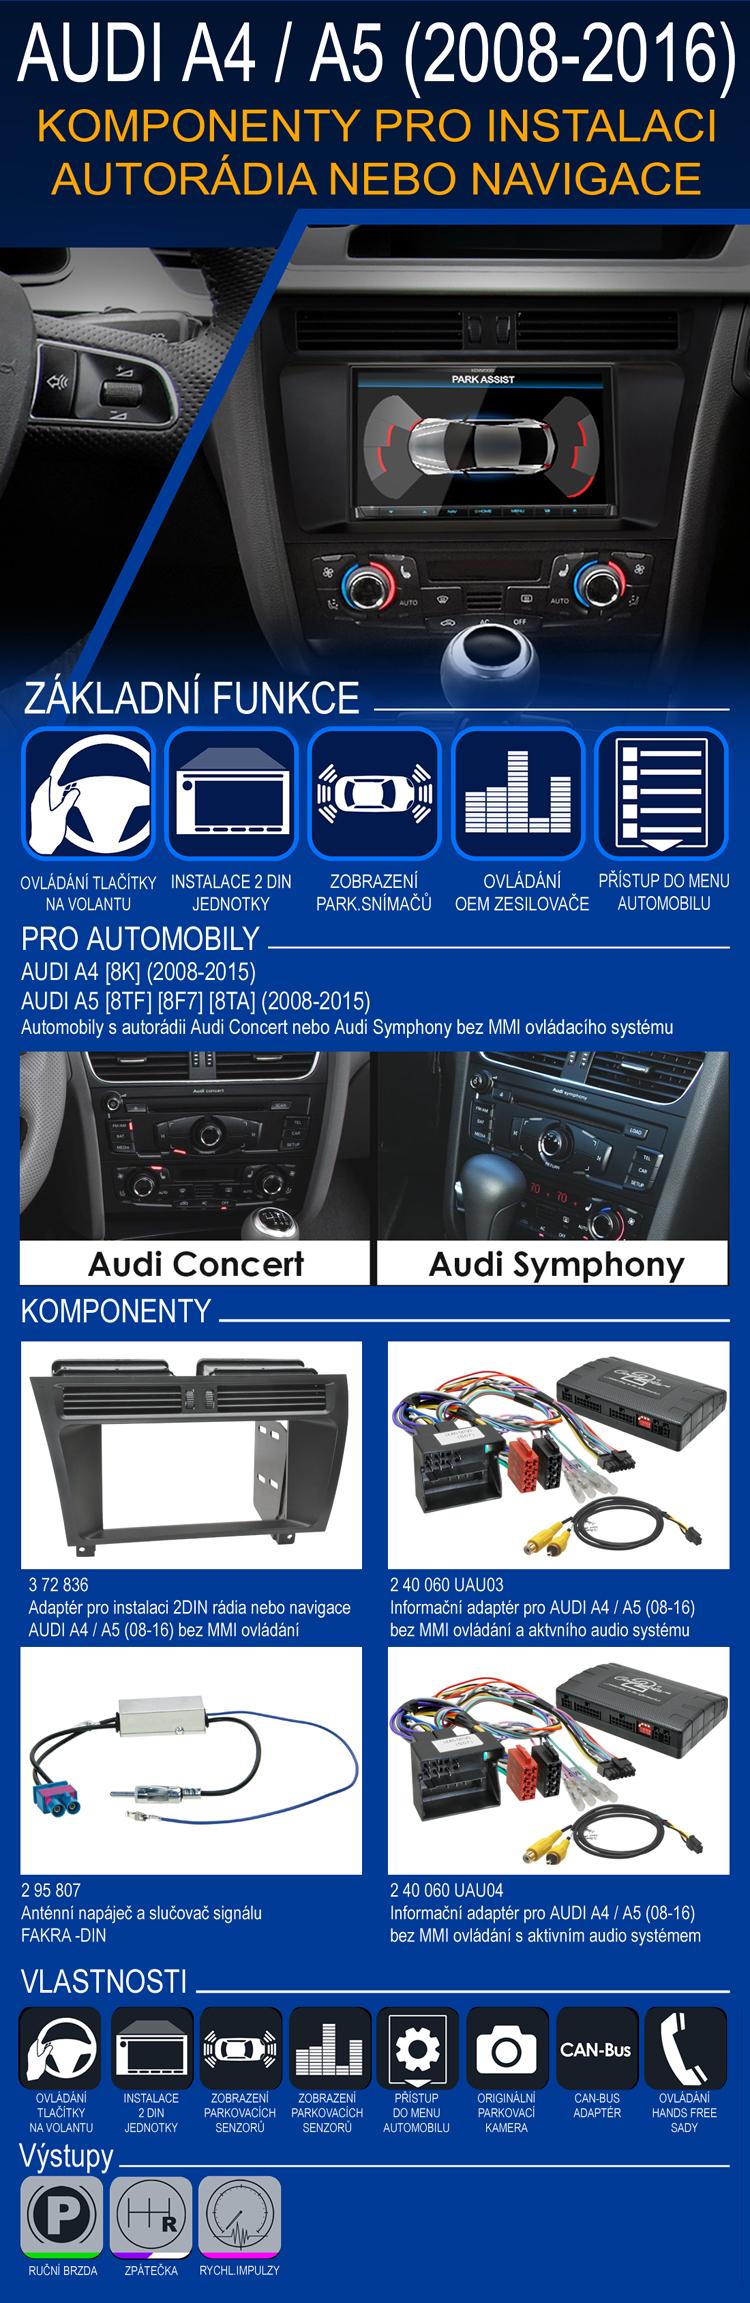 AUDI A4 & A5 -komponenty pro instalaci navigací